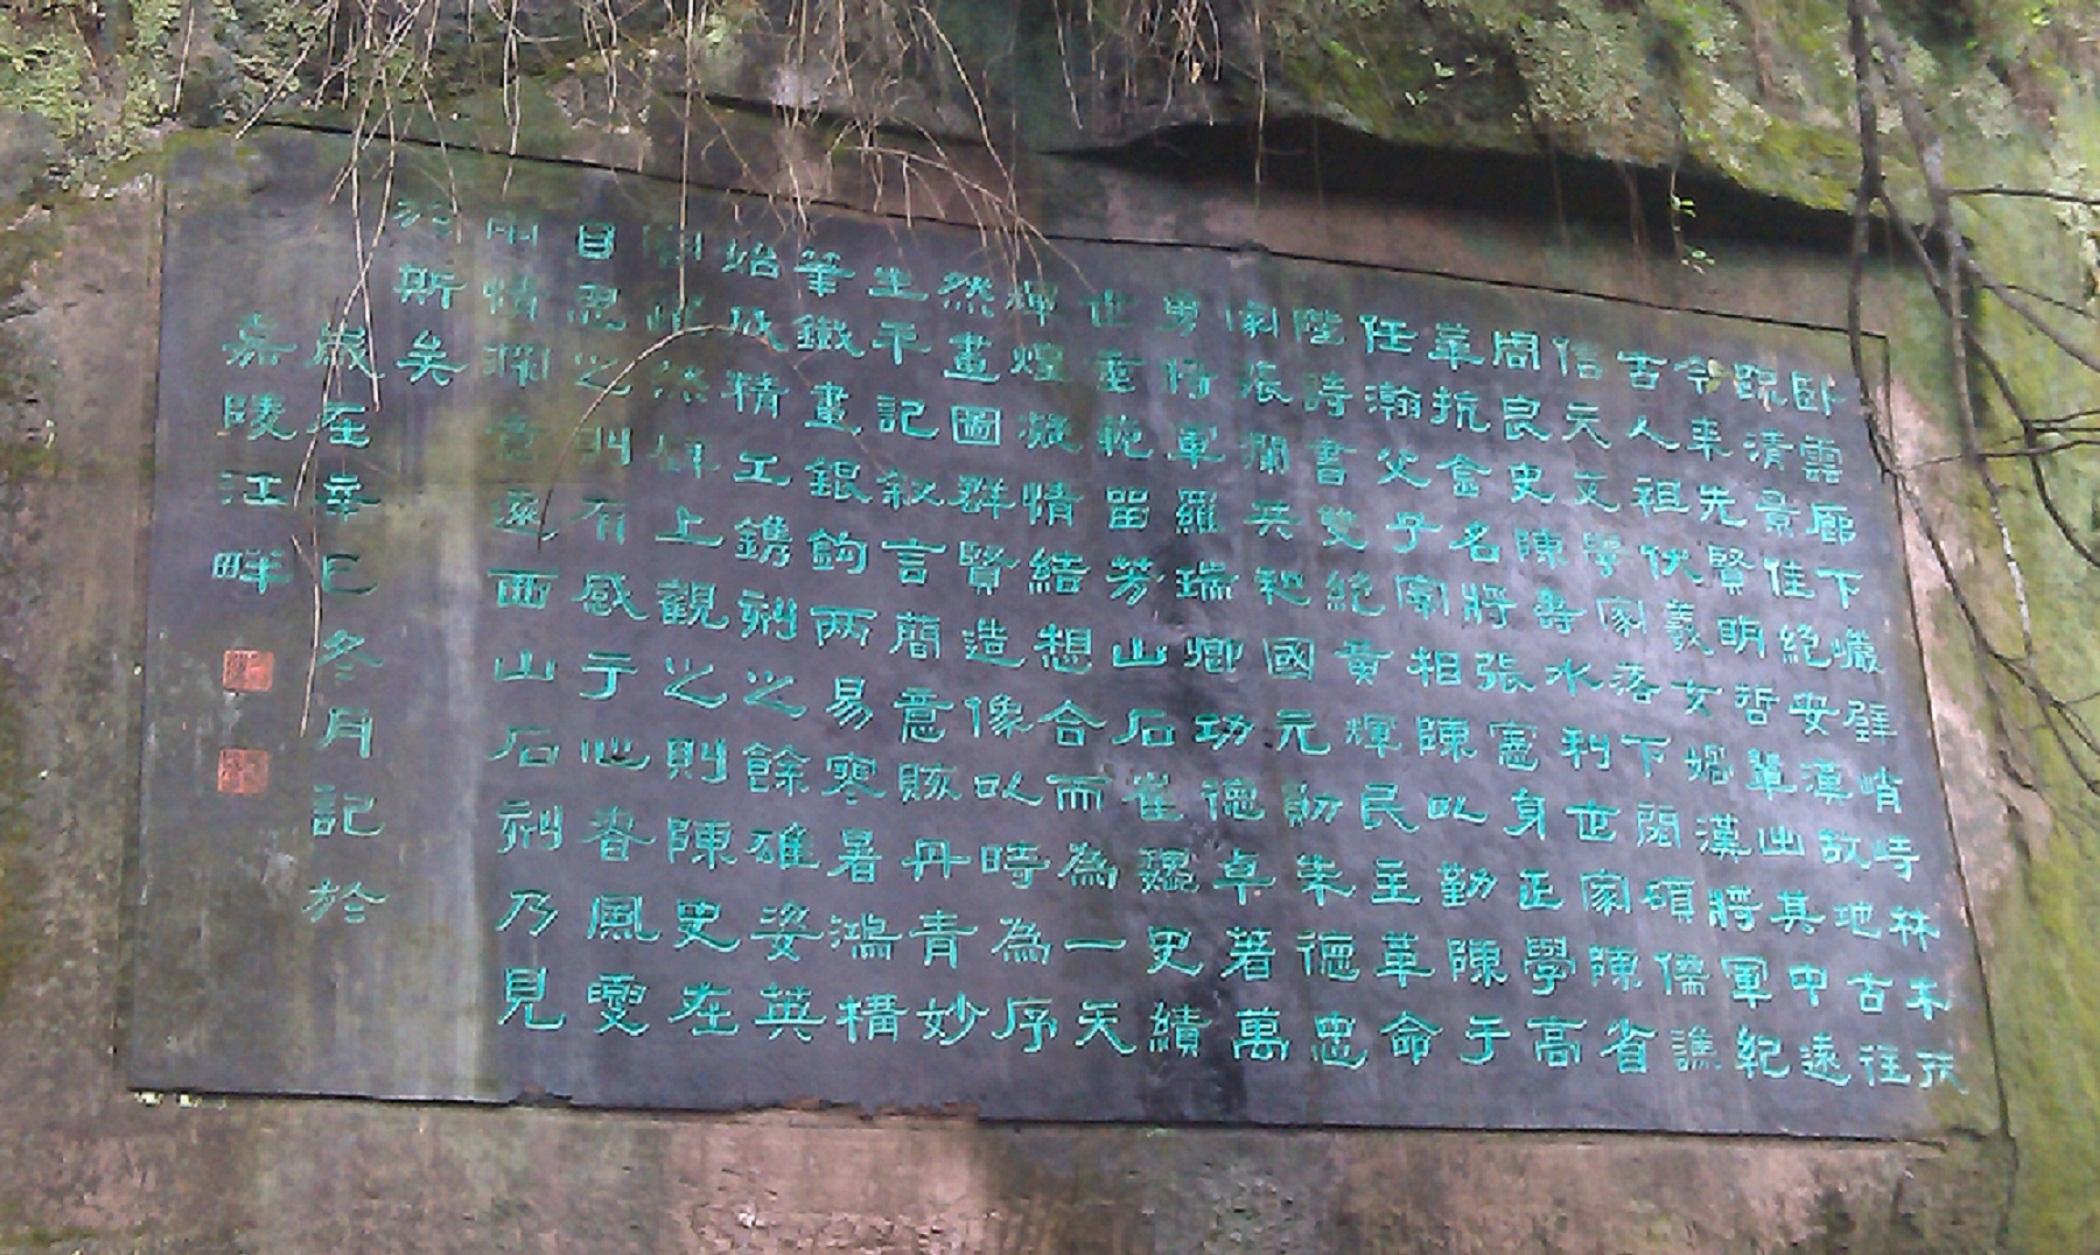 篆刻类  南充西山,也称西山风景区,位于南充市顺庆区城西郊,面积8平方